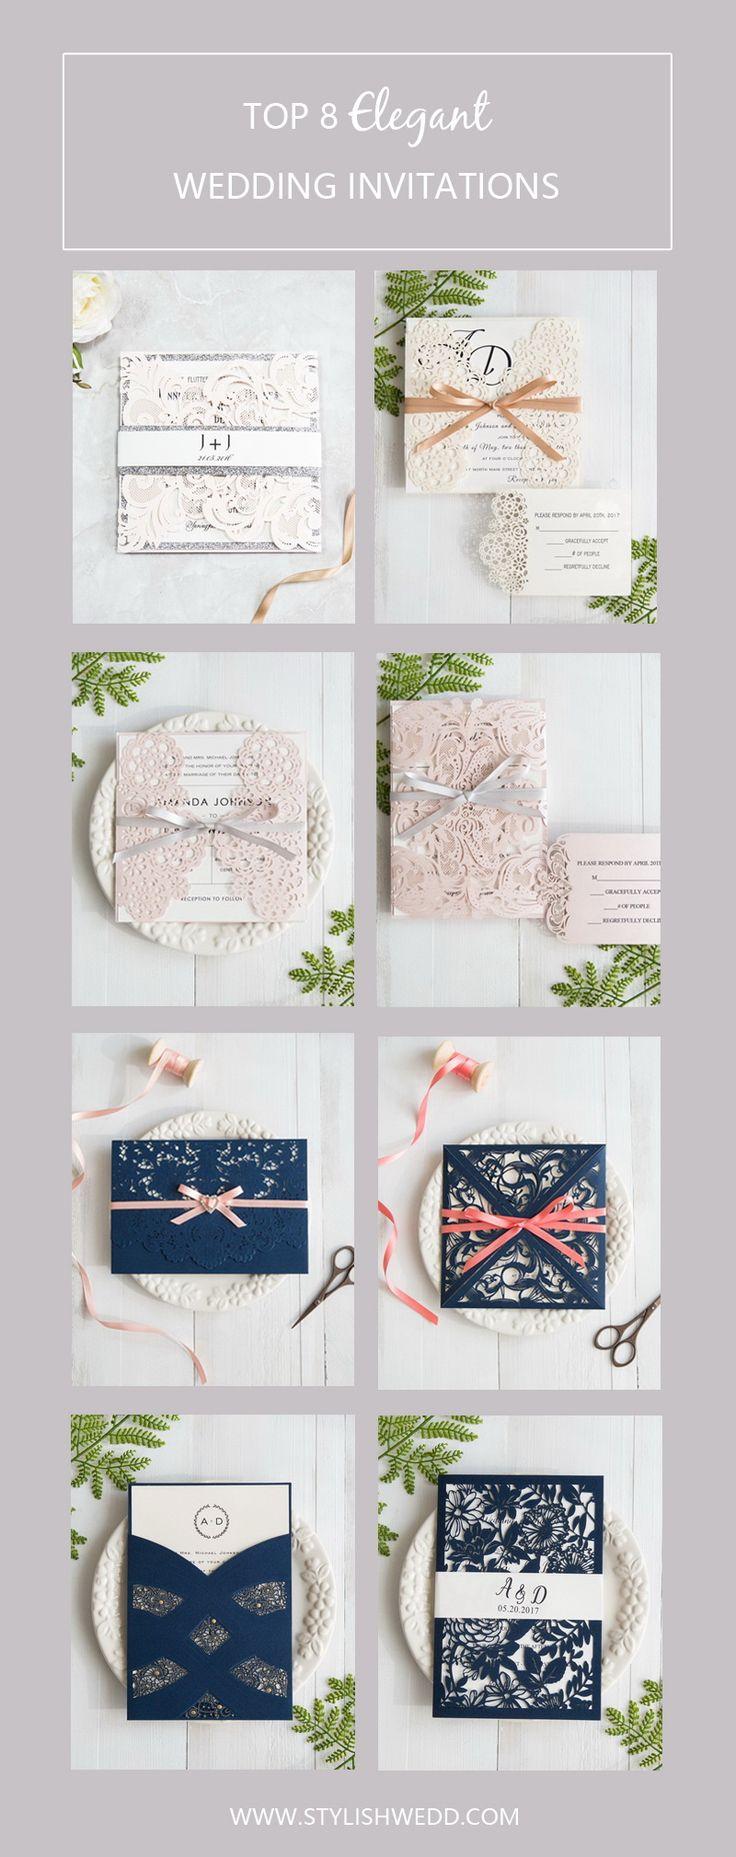 top 8 elegant wedding invitations from Stylish Wedd